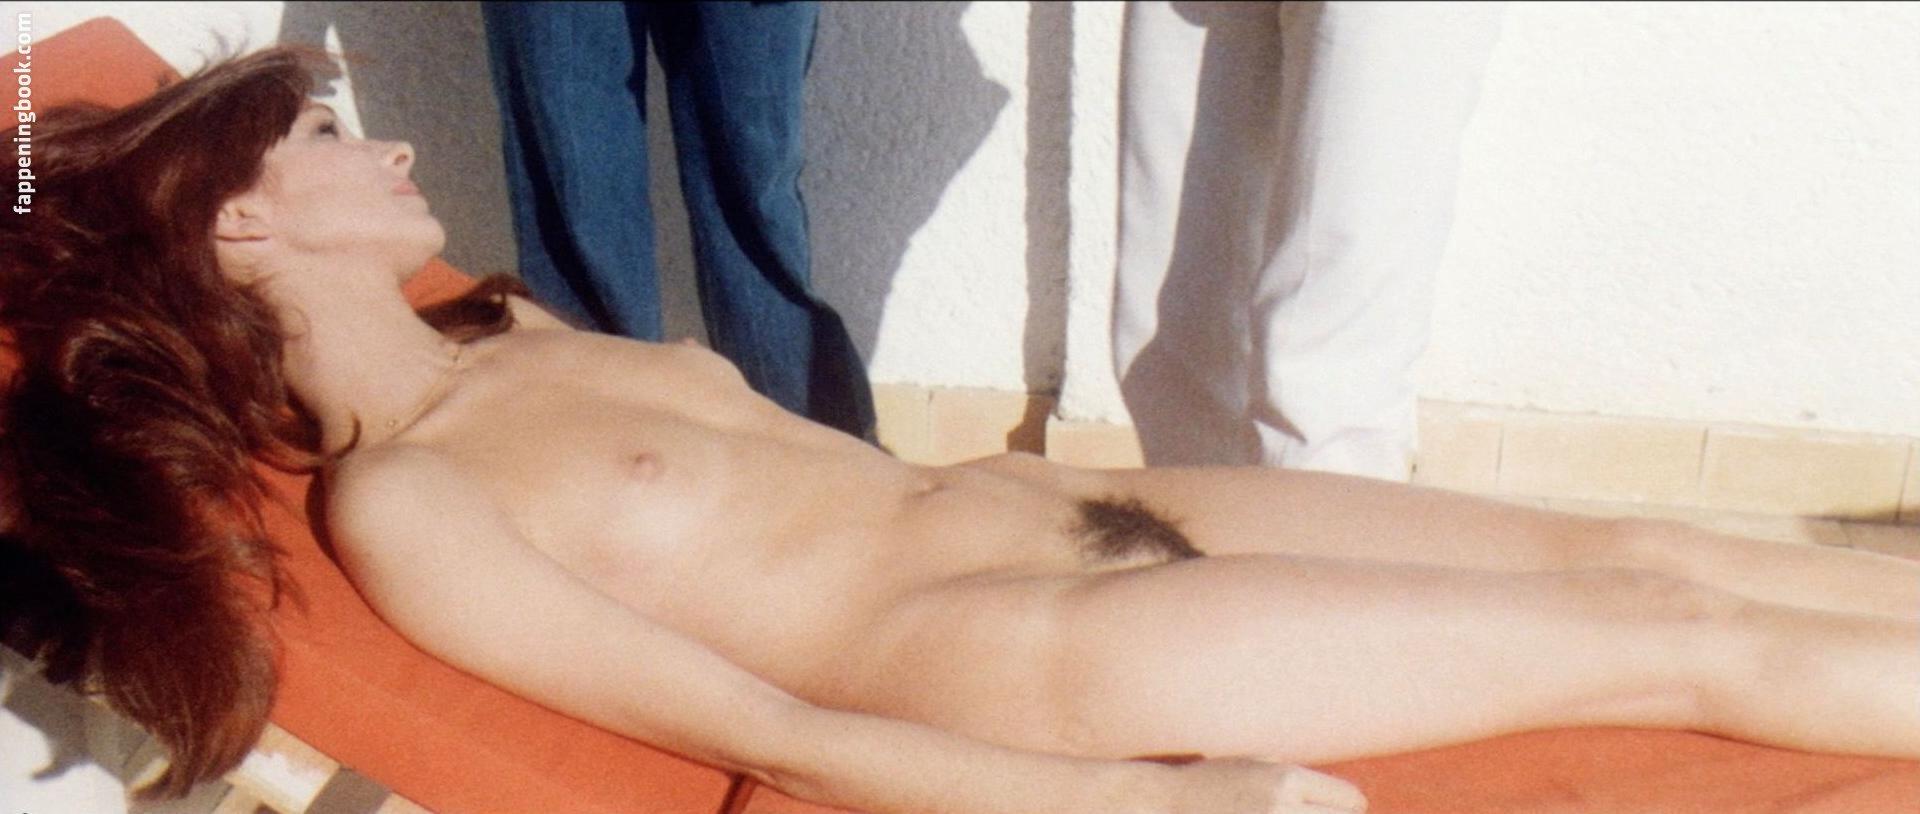 Nackt  Anni-Frid Lyngstad skratta gott